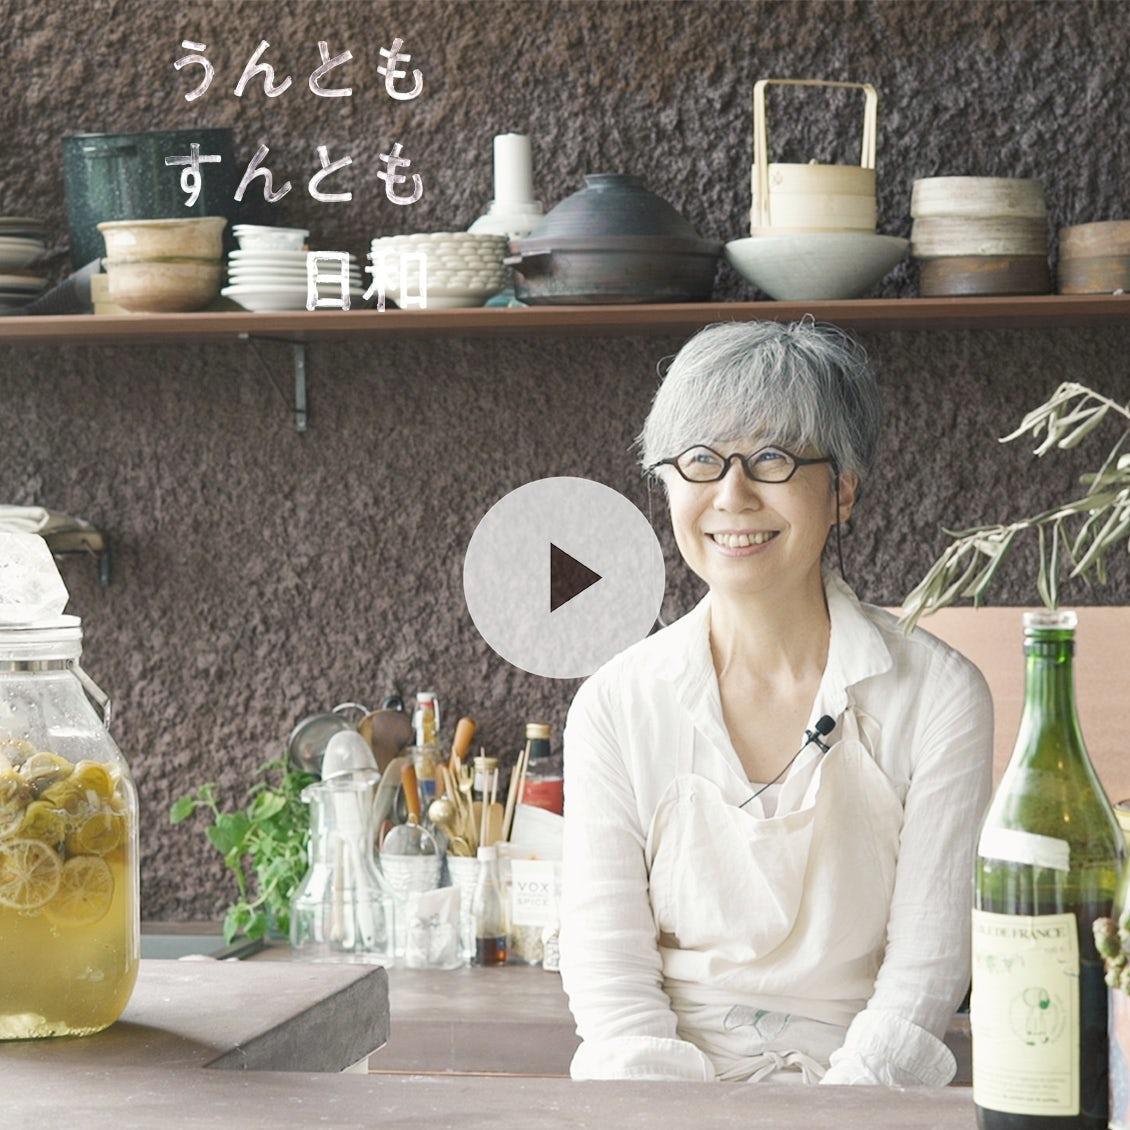 【密着!】50代で初めての上京。継続がすべてじゃないと今は思うから。eatrip soil 店長・山村ヒロミさん